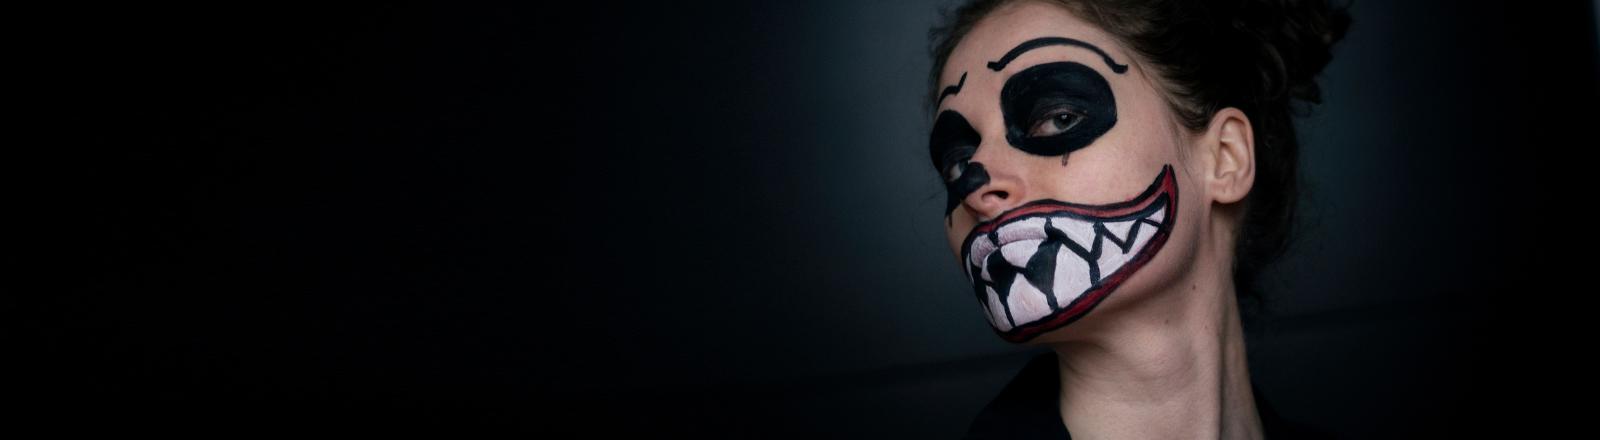 Eine Frau mit aufgemalter Horror-Fratze.